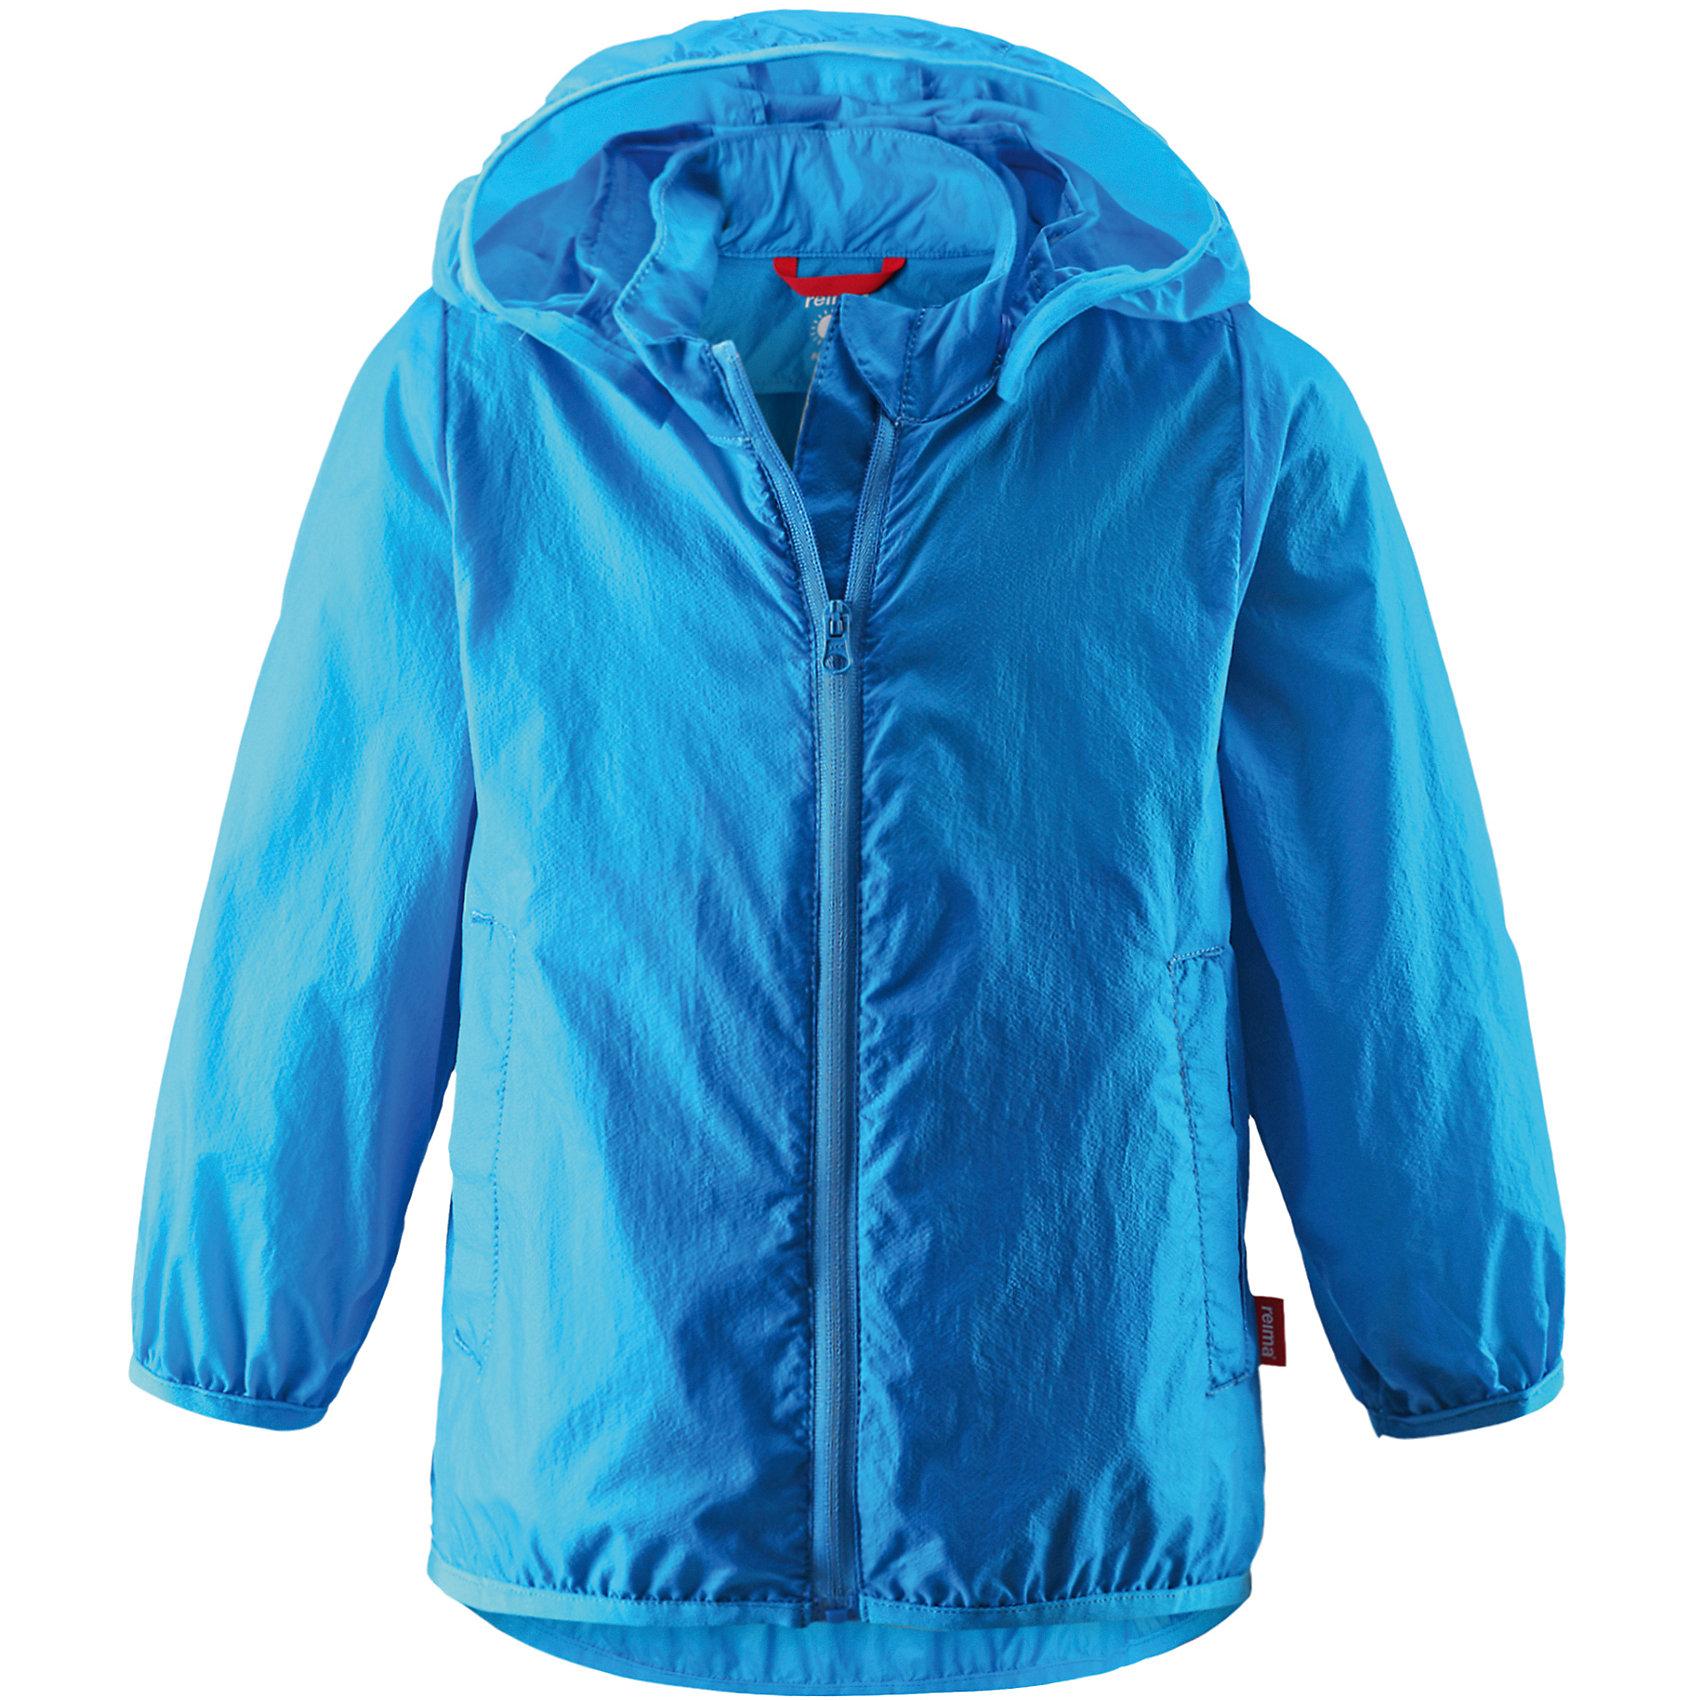 Куртка для мальчика ReimaКуртка от финской марки Reima.<br>*Куртка для малышей*Безопасный, съемный капюшон*Эластичная резинка на кромке капюшона, манжетах и подоле*Возможность сложить куртку в ее собственный карман*Два боковых кармана<br>Состав:<br>100% ПА<br><br>Ширина мм: 356<br>Глубина мм: 10<br>Высота мм: 245<br>Вес г: 519<br>Цвет: голубой<br>Возраст от месяцев: 6<br>Возраст до месяцев: 9<br>Пол: Мужской<br>Возраст: Детский<br>Размер: 74,80,86<br>SKU: 4631360